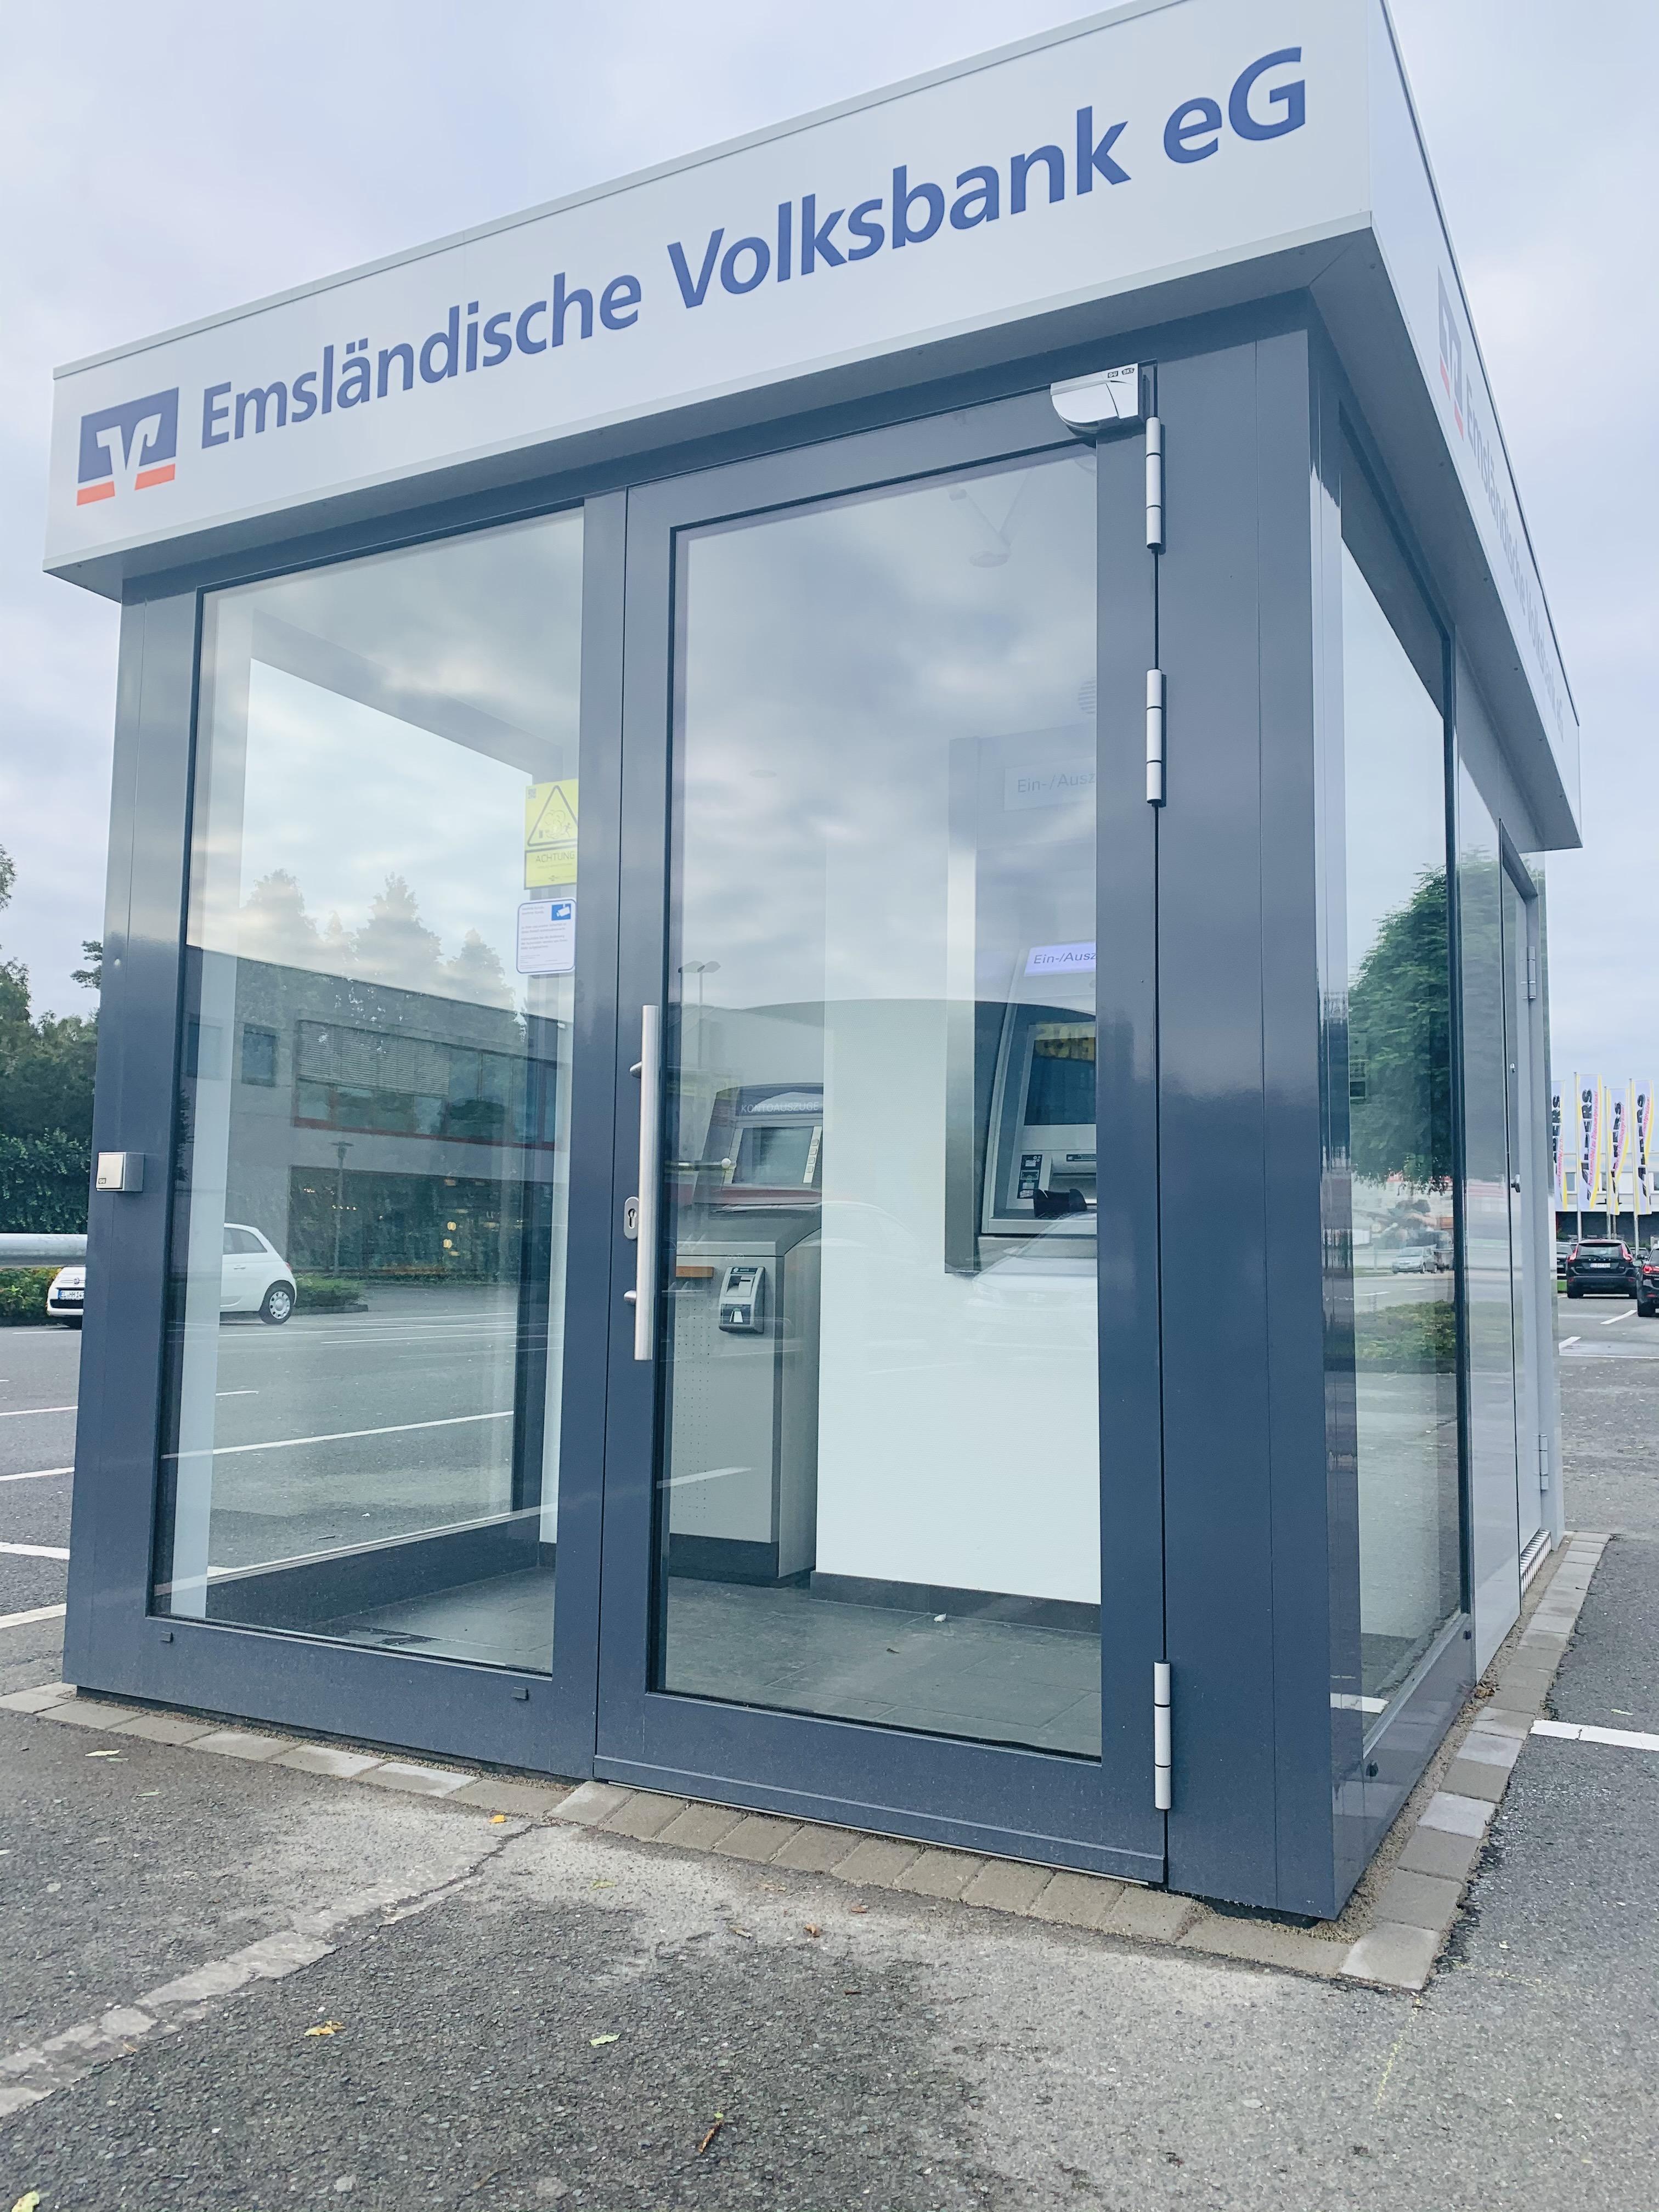 Emsländische Volksbank eG, Emsländische Volksbank eG Filiale Nödike, Schwefinger Straße 1, 49716, Meppen